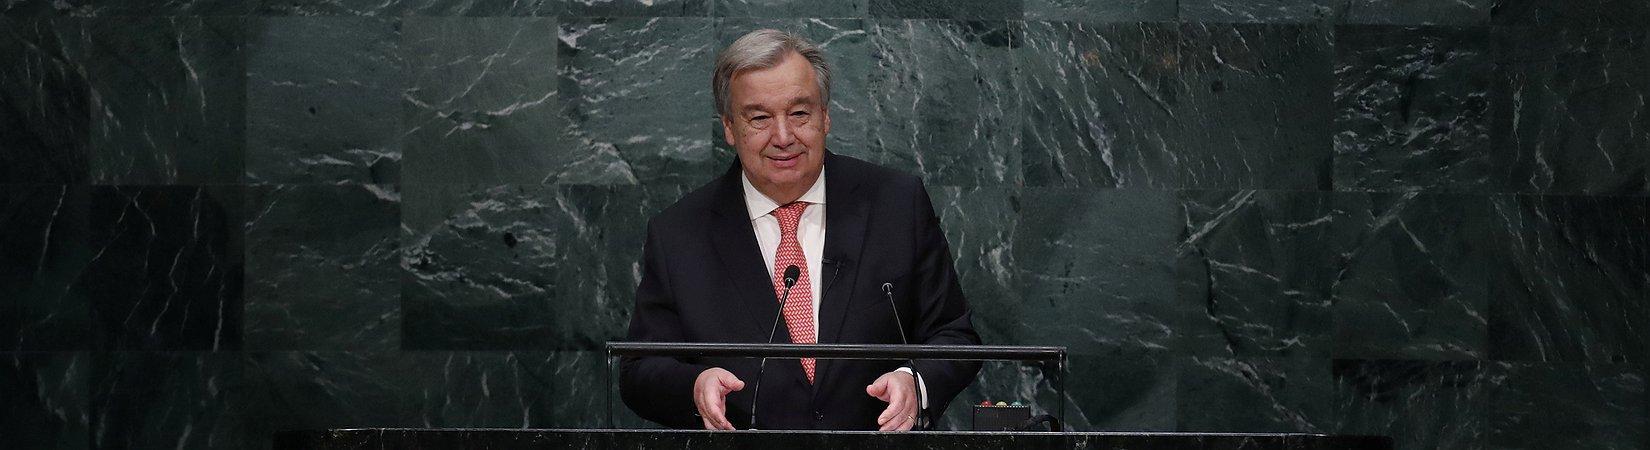 António Guterres apresenta plano de ação no Conselho de Segurança da ONU